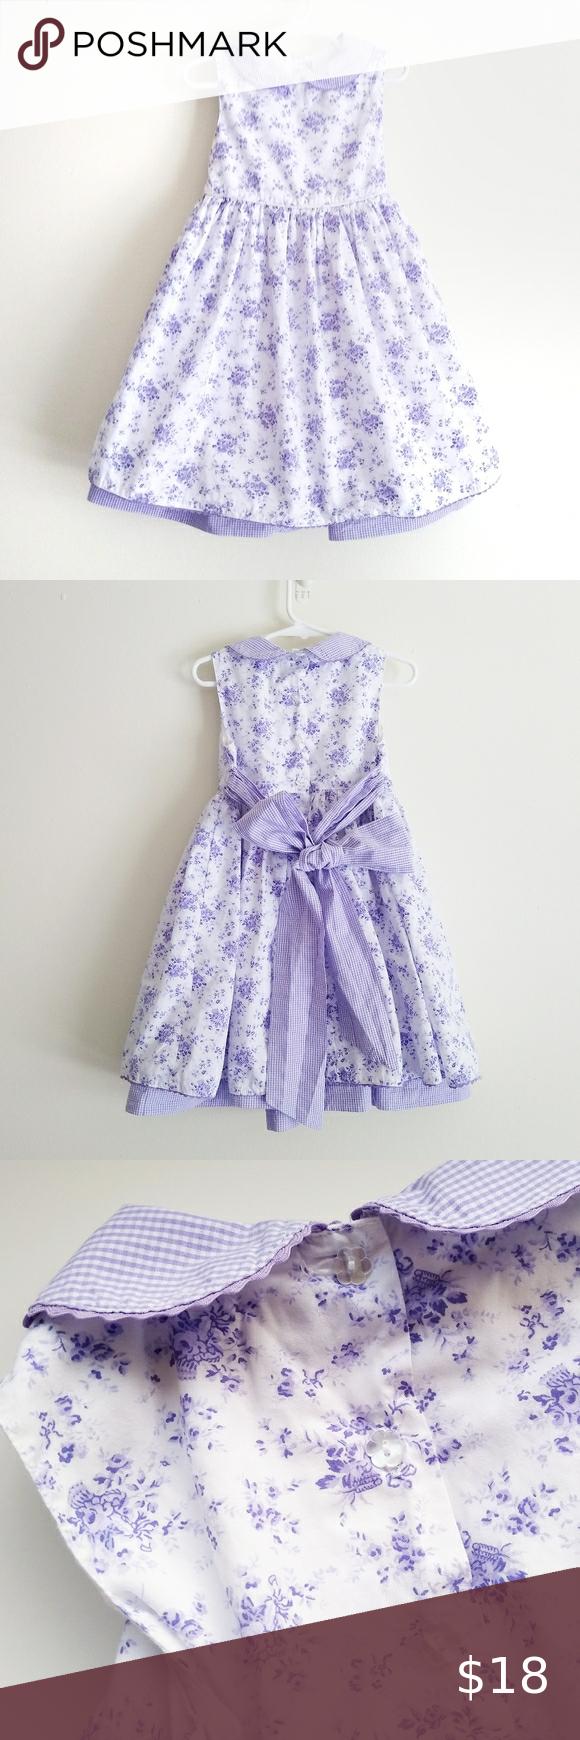 Polly Friends Floral Dress 4t White Purple 4t Dress Floral Dress Dresses [ 1740 x 580 Pixel ]